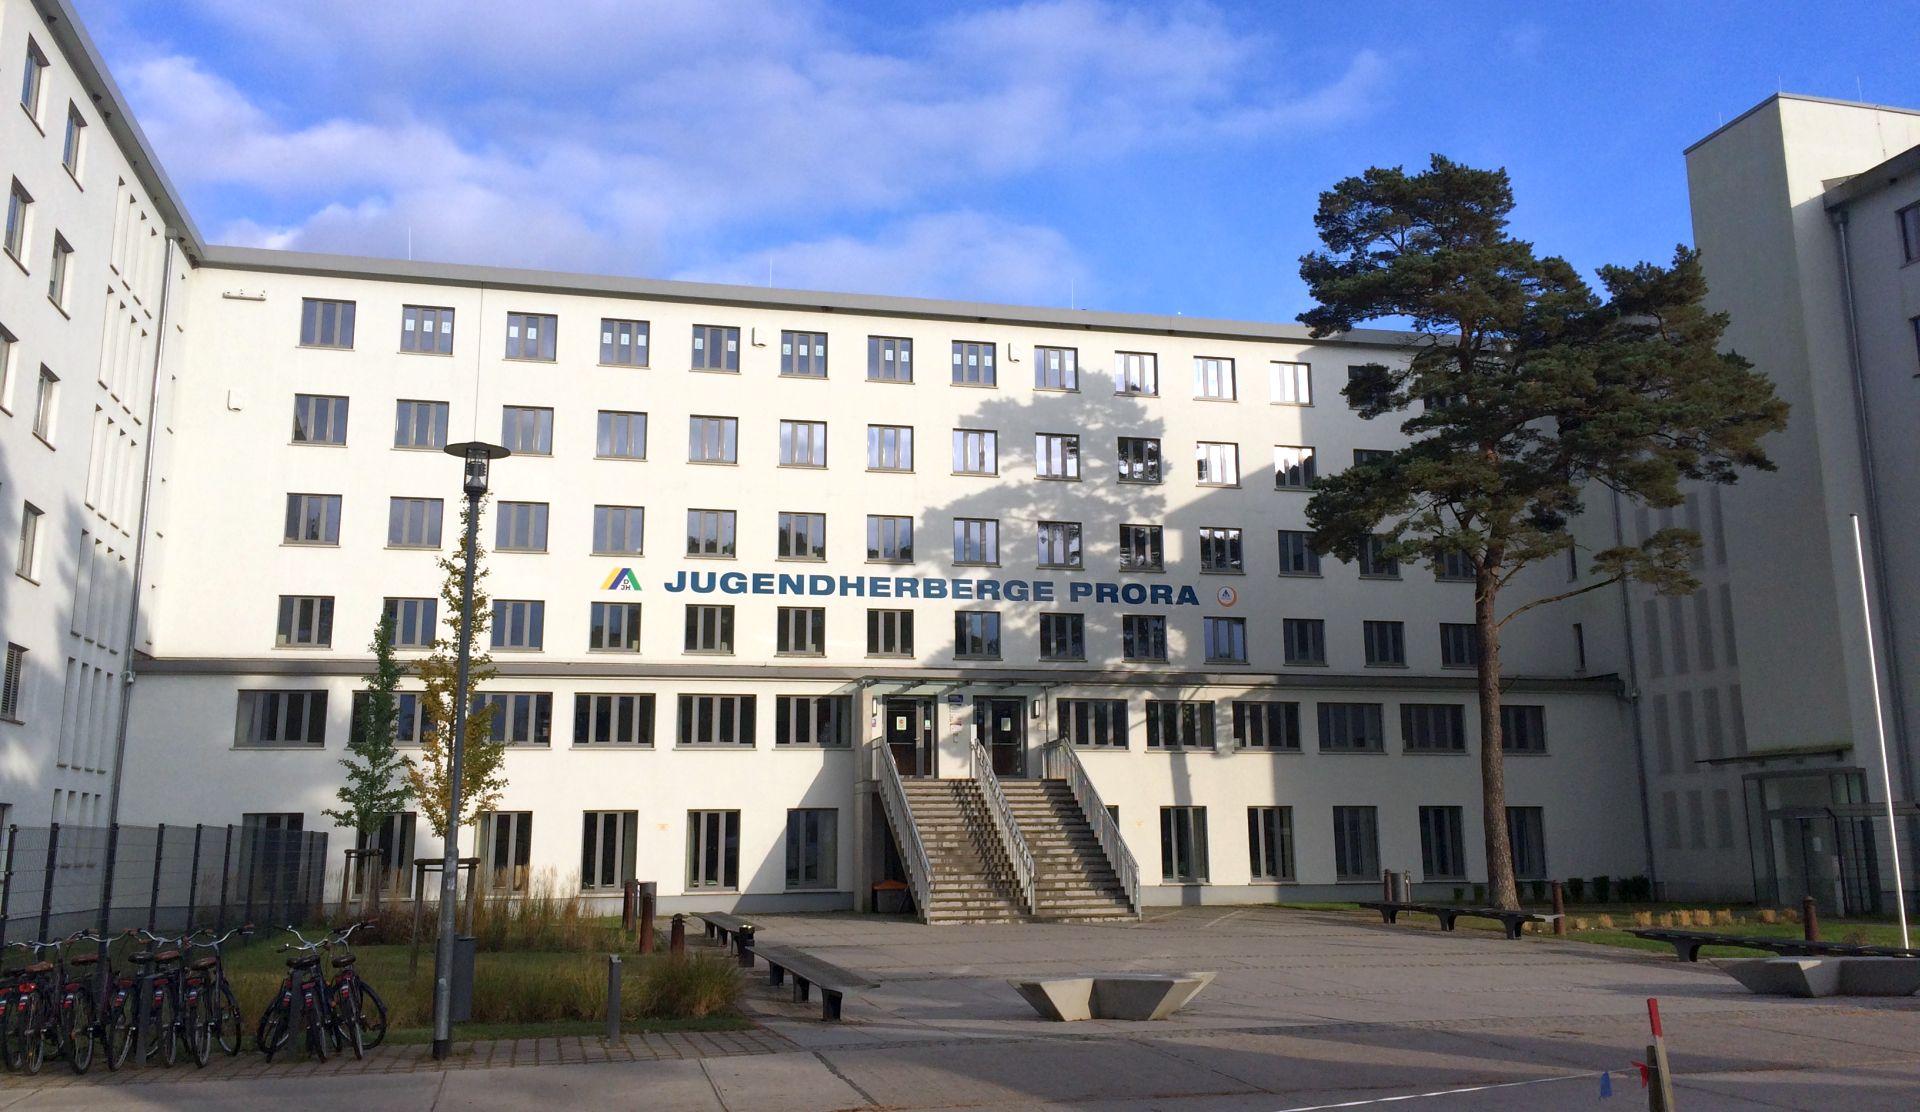 Jugendherberge Prora auf Rügen.